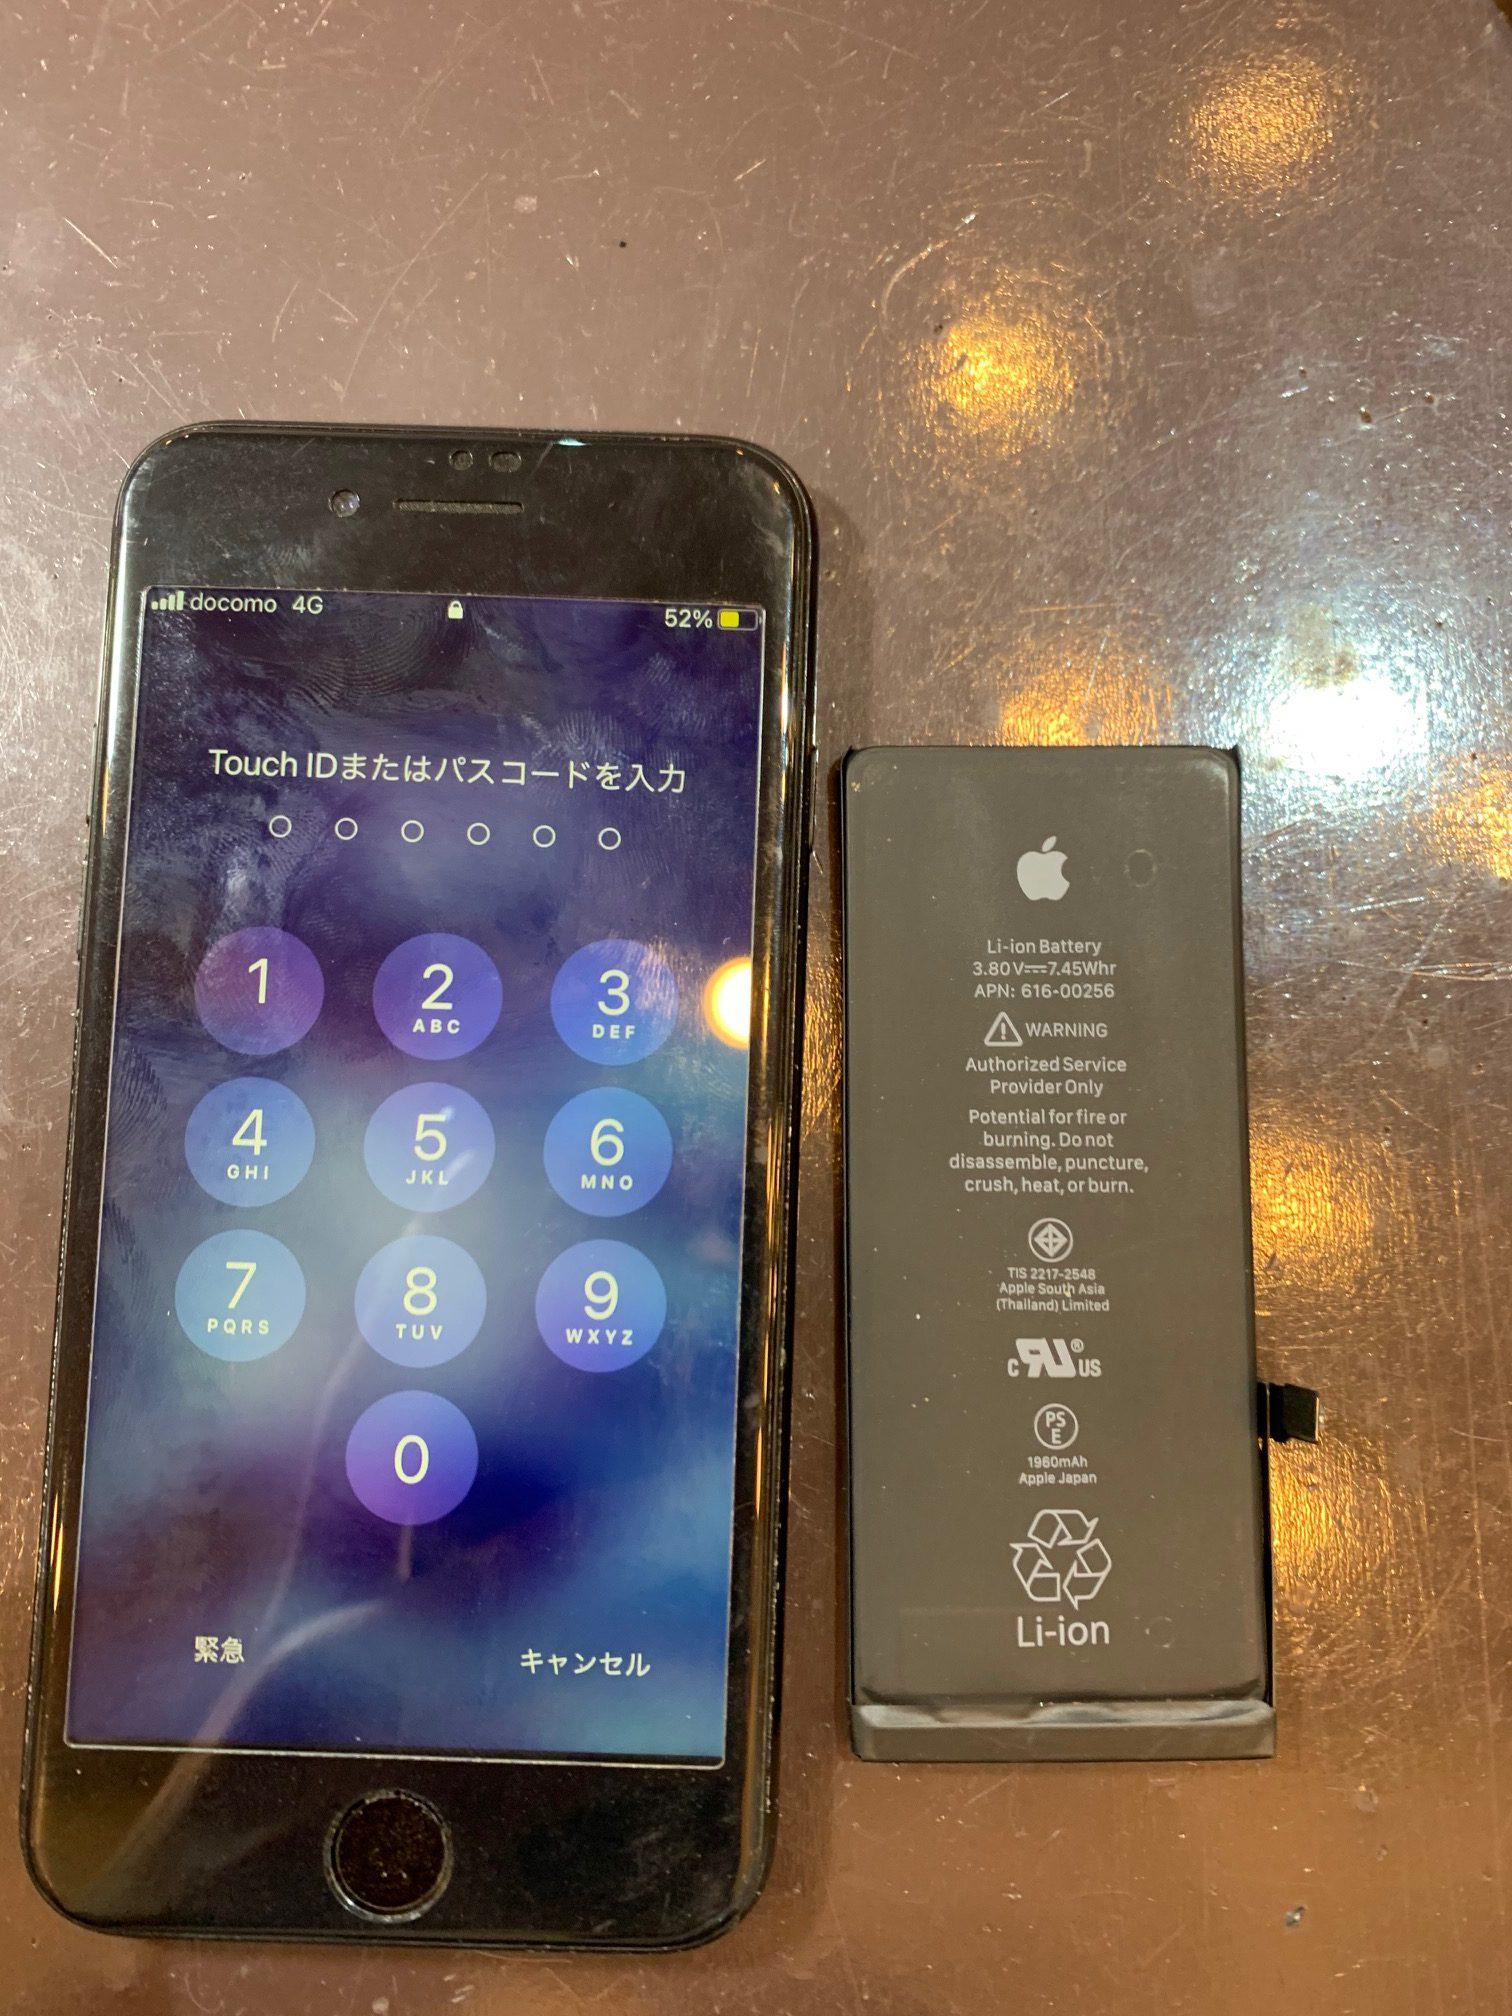 iPhone7 電池交換 電池の減りが極端に早いとのことでご来店頂きました! 尼崎市からのご来店